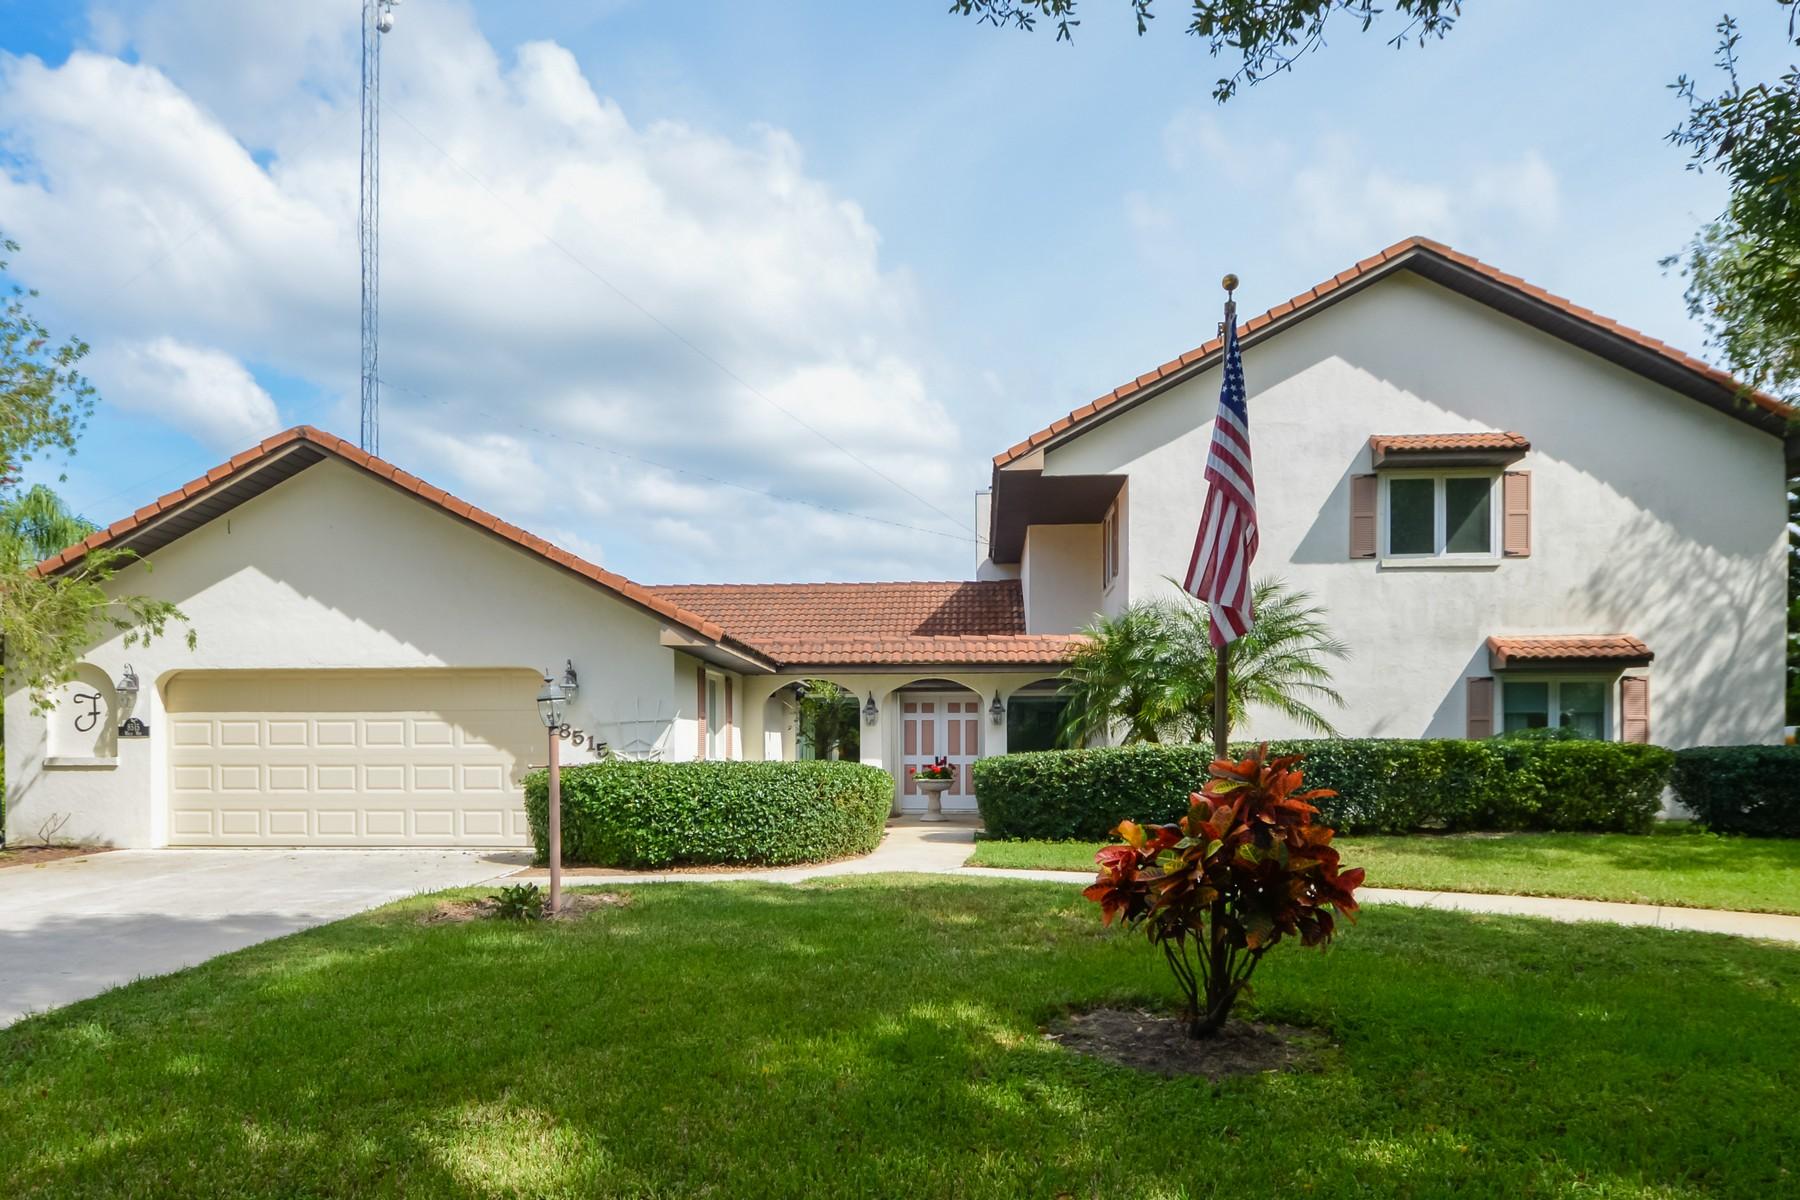 独户住宅 为 销售 在 Fly-In Community 8515 Waco Way 维罗海滩, 佛罗里达州, 32968 美国